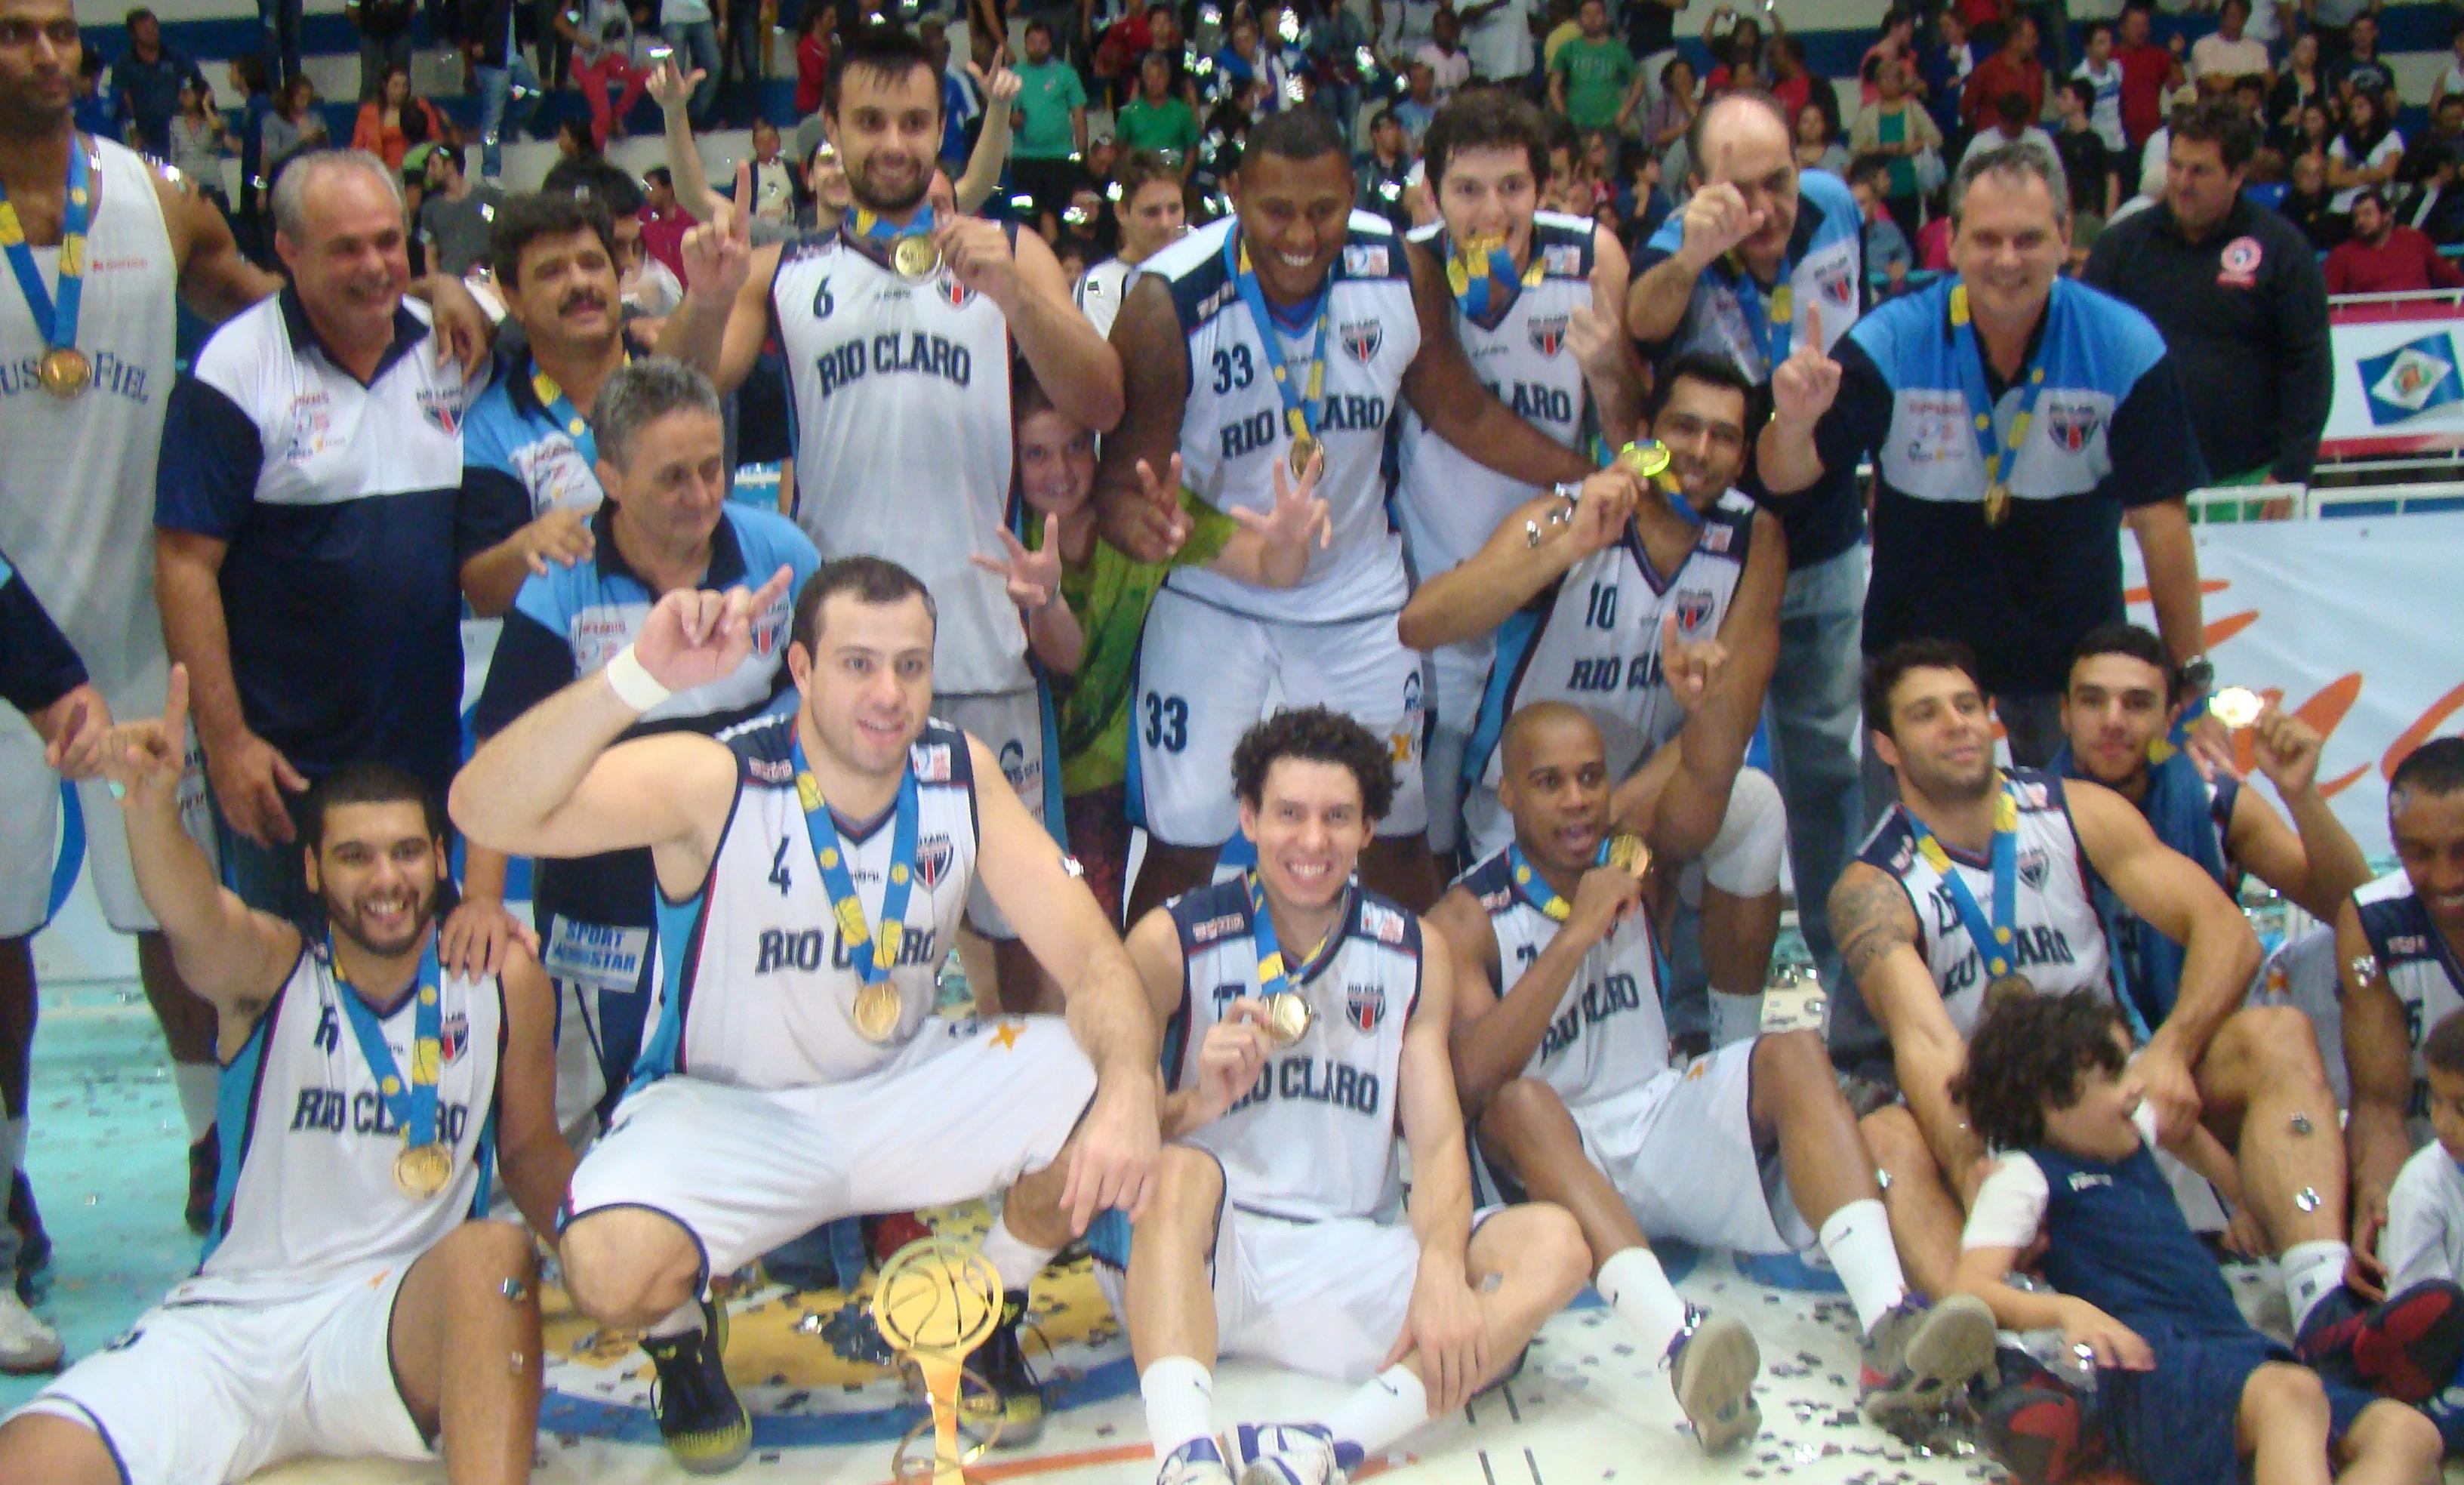 Campeão da primeira edição da Liga Ouro, Rio Claro ganhou o direito de disputar o NBB 2014/2015 (Divulgação/LNB)